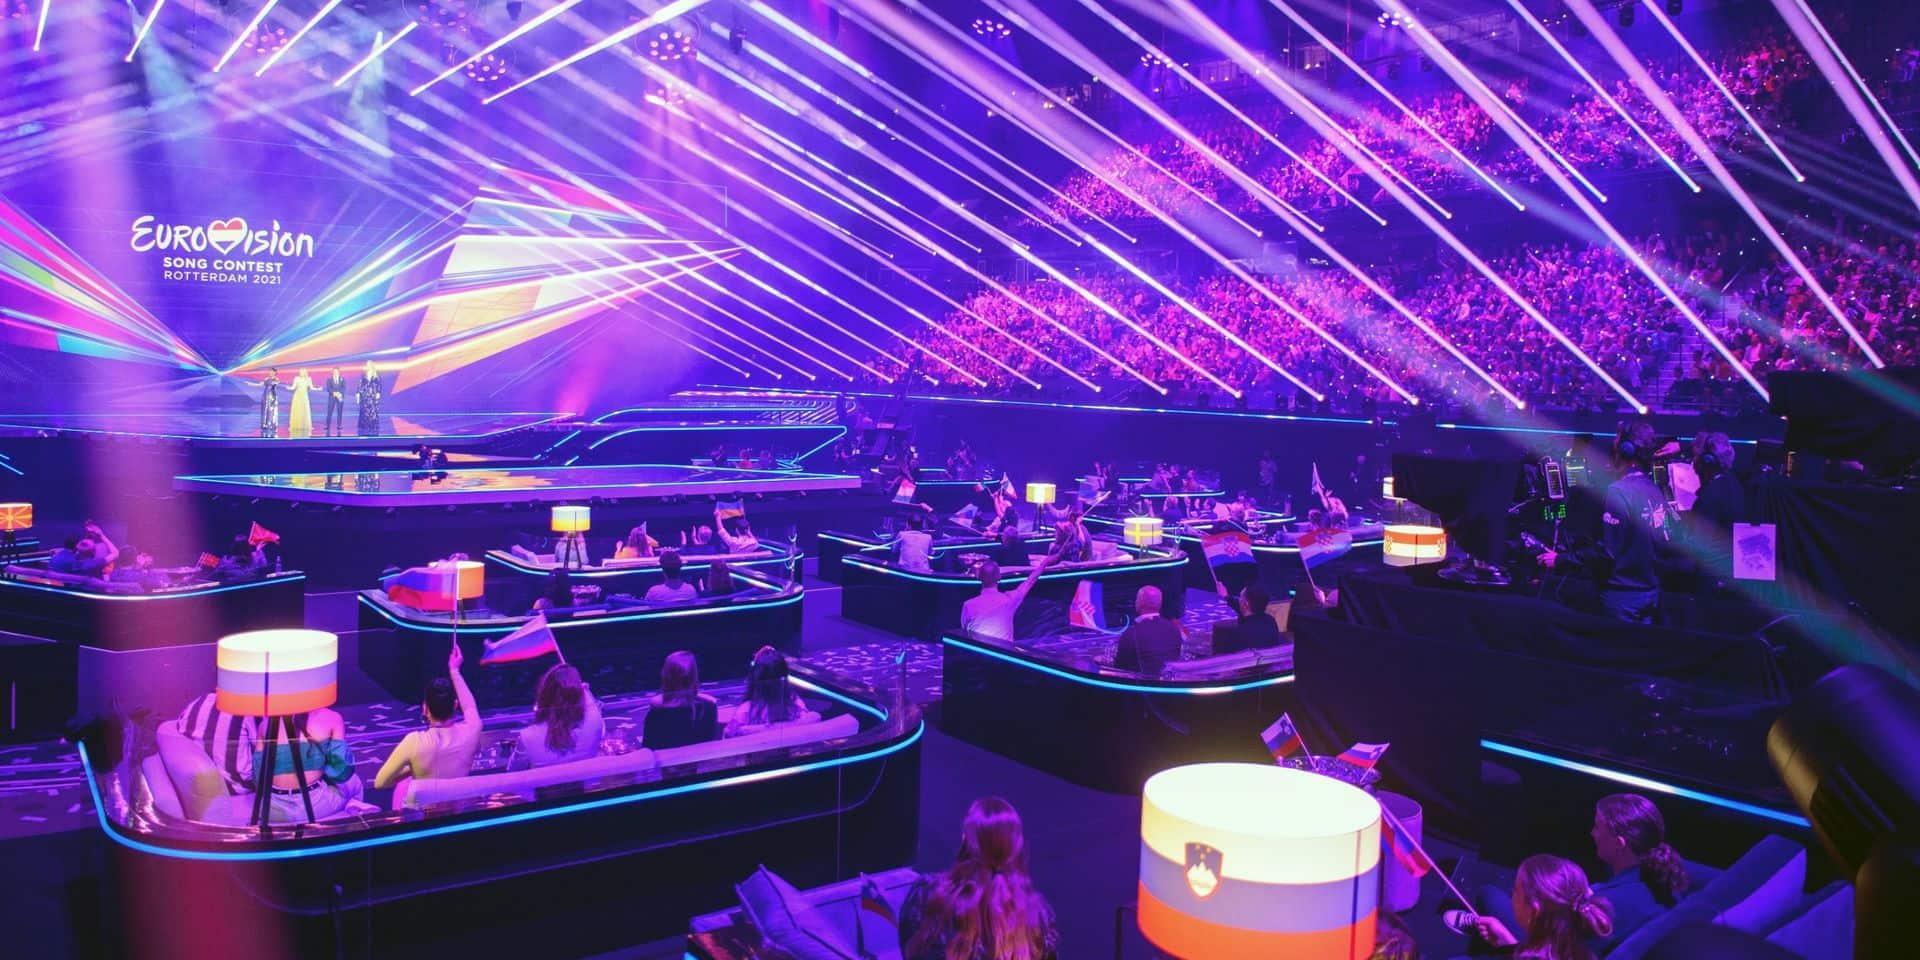 Les Etats-Unis vont organiser leur propre version de l'Eurovision